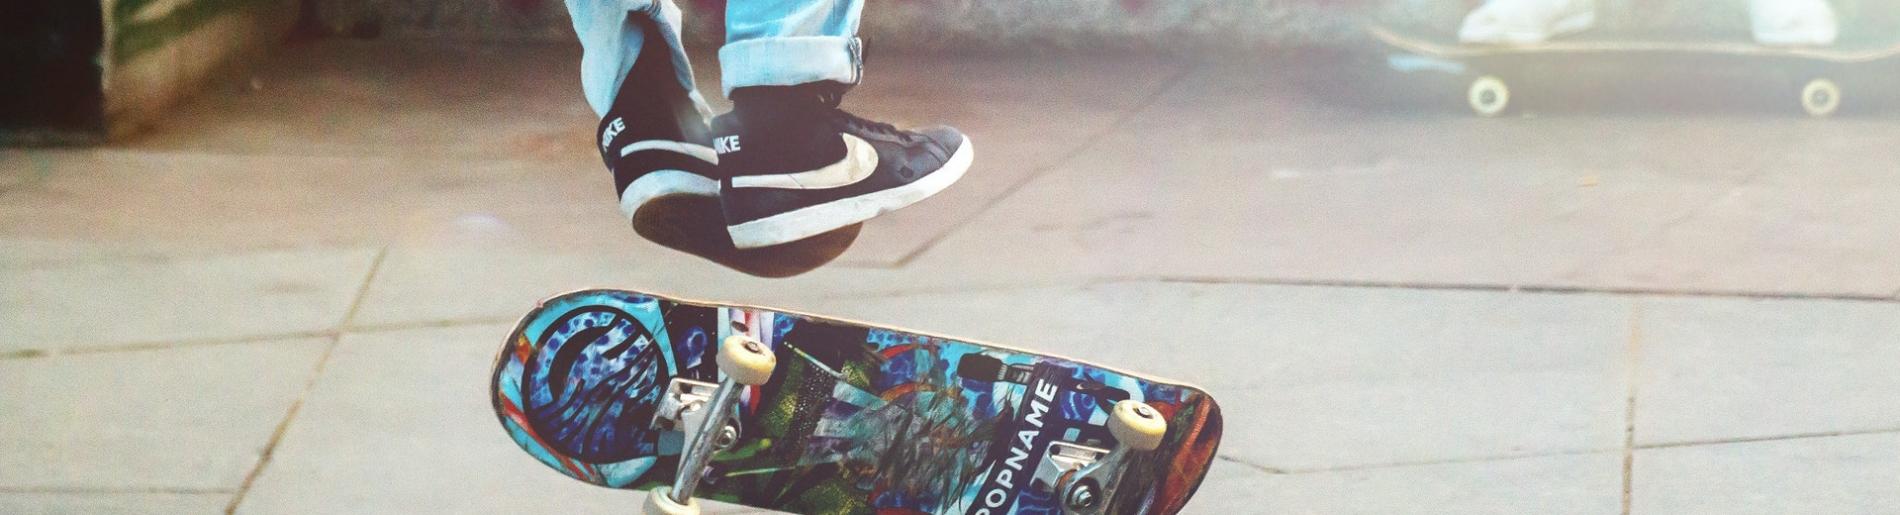 Skateboard Brands